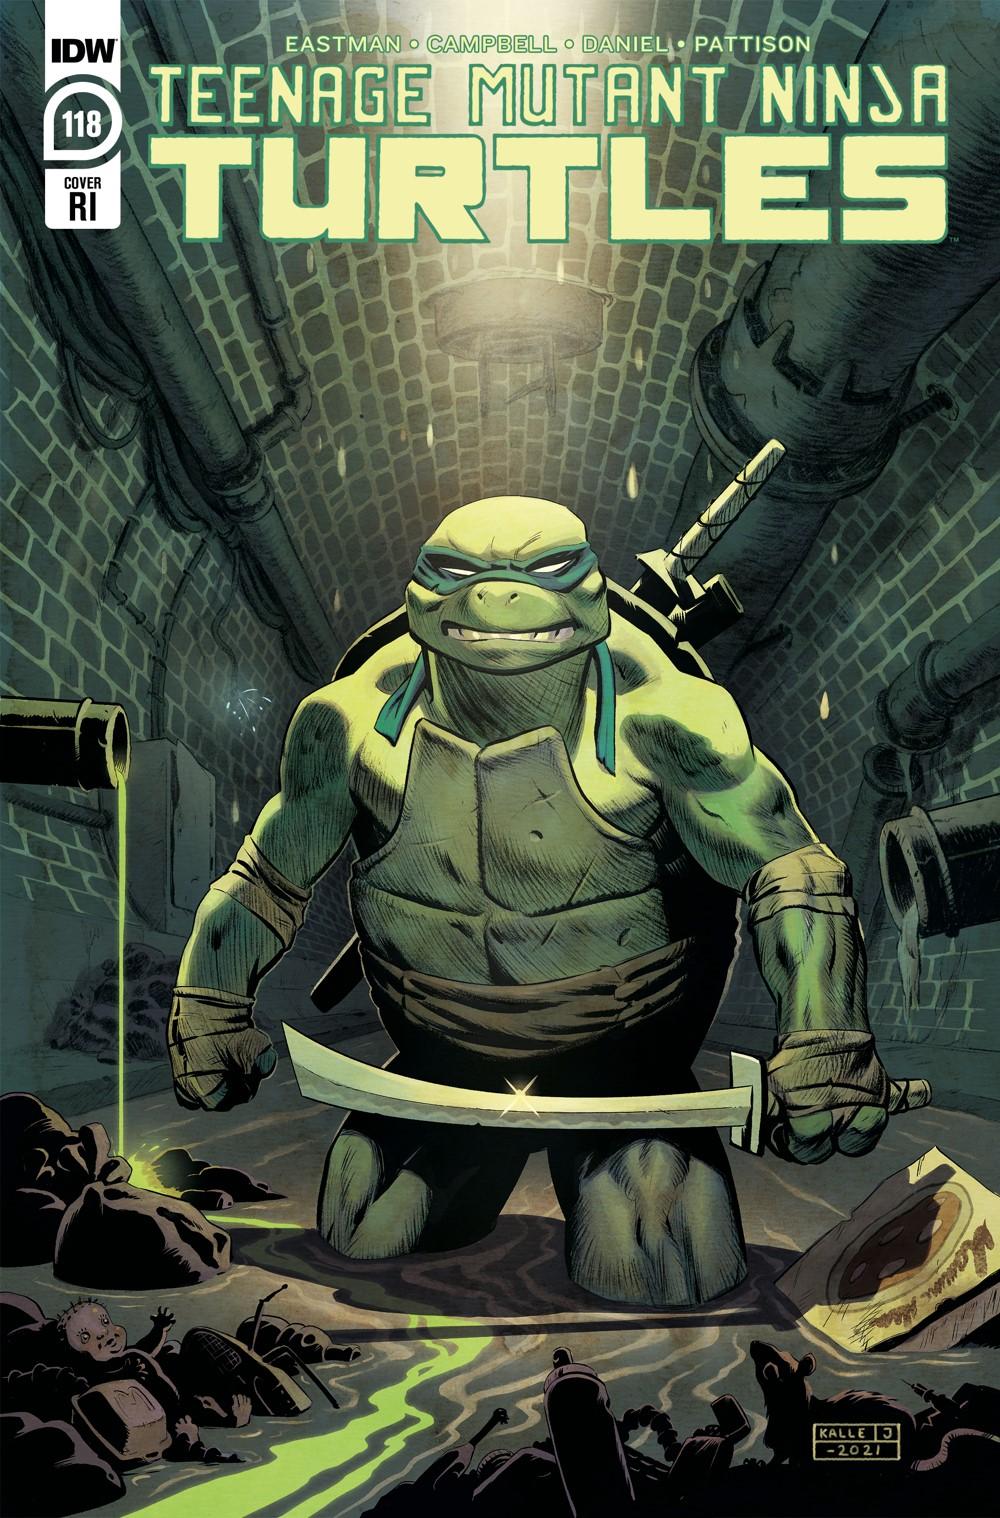 TMNT118_cvrRI ComicList Previews: TEENAGE MUTANT NINJA TURTLES #118